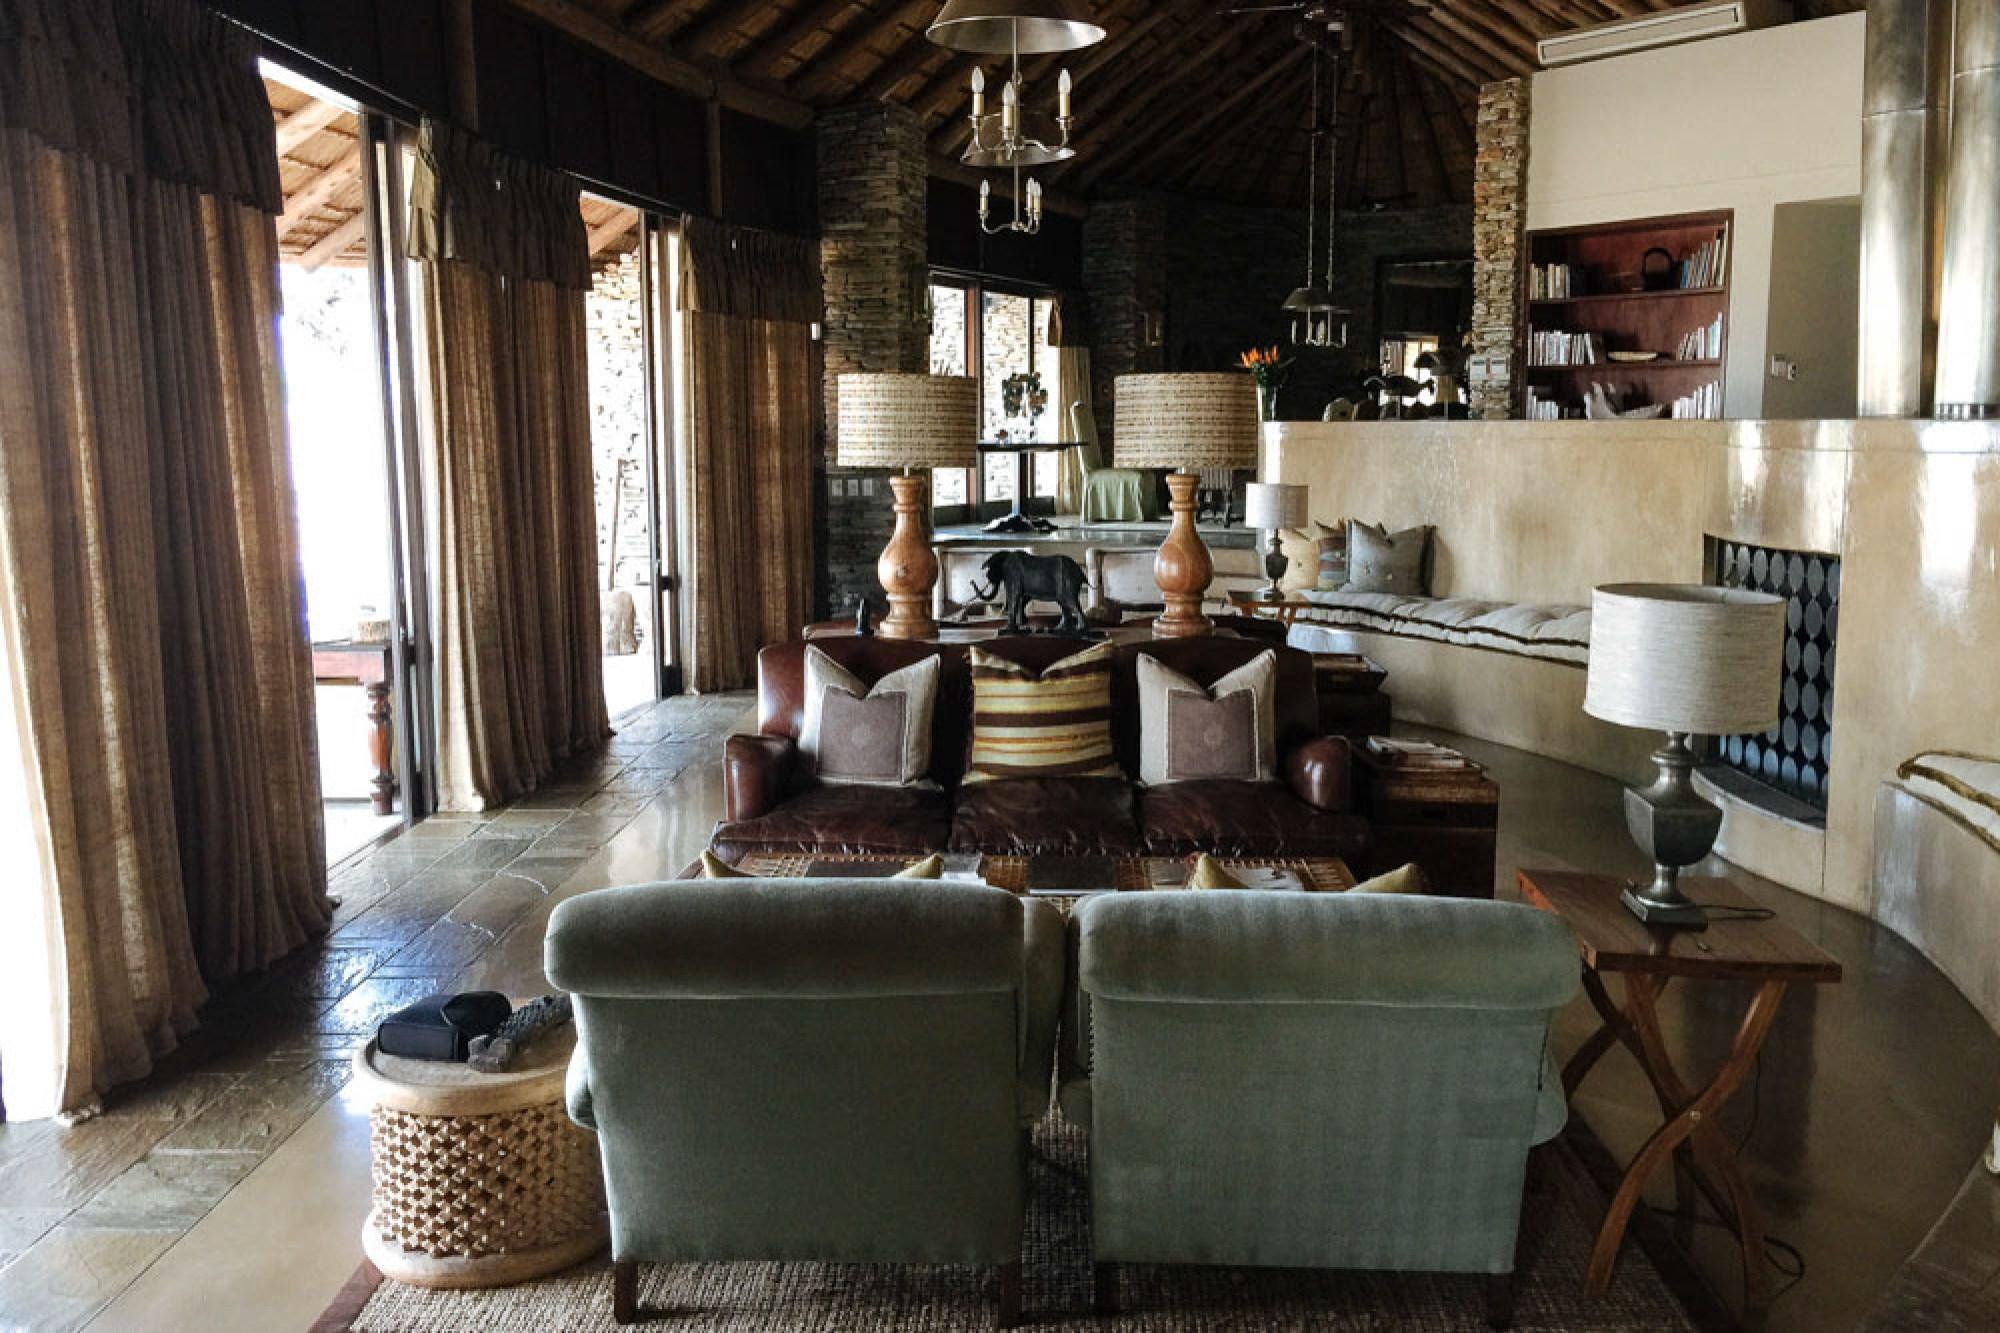 South Africa Safari Honeymoon Guide